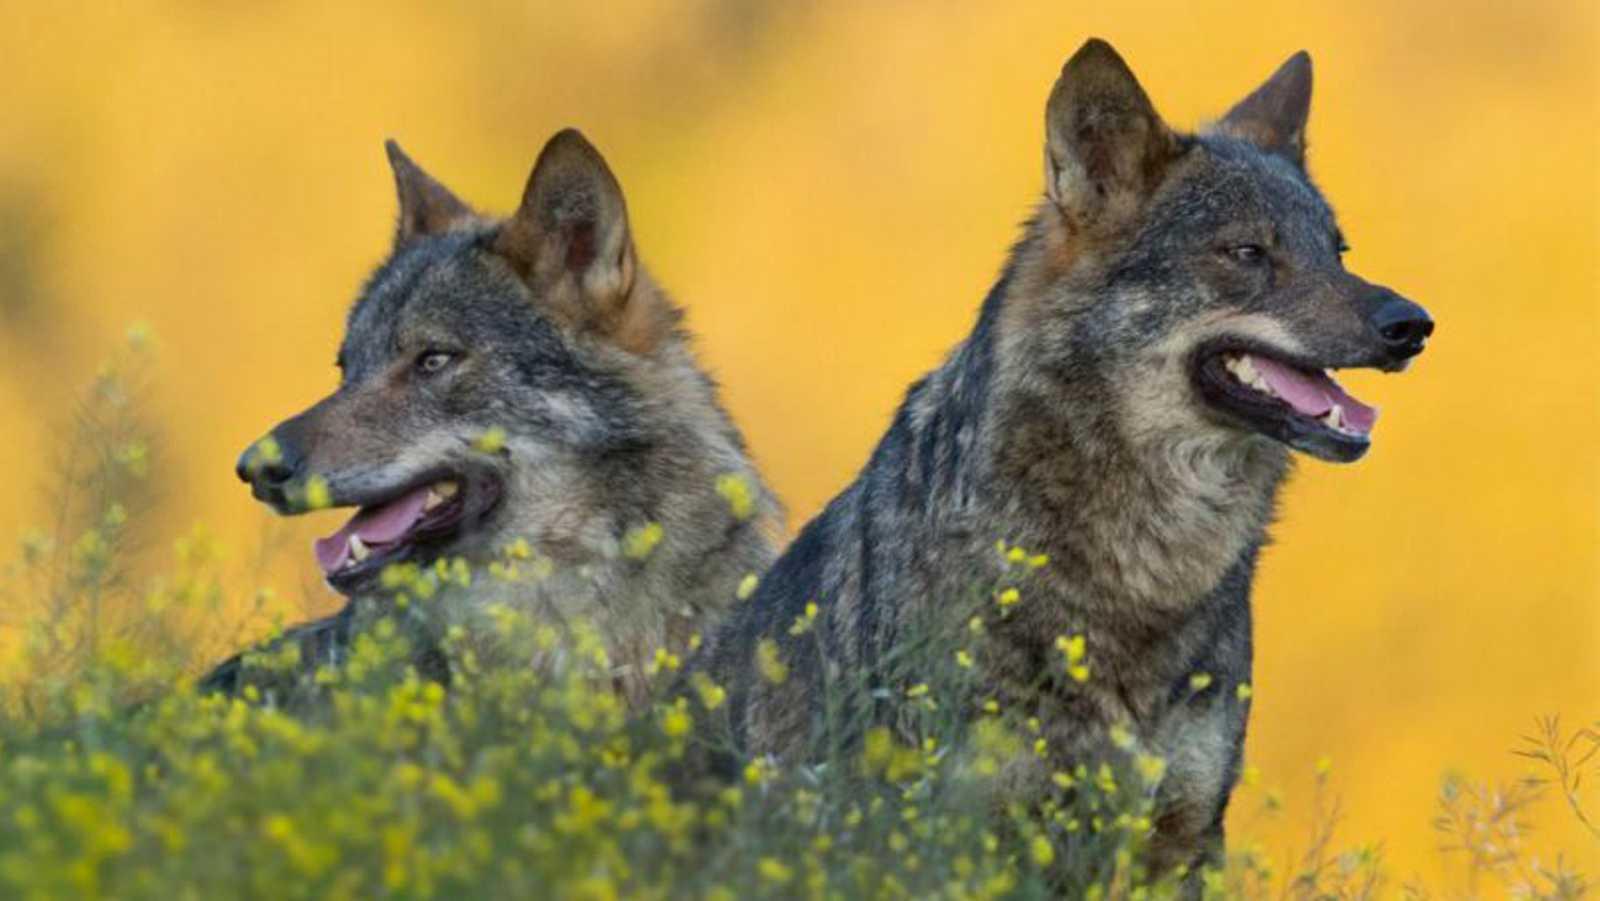 Por tres razones - Memorias de lobo - 24/08/20 - escuchar ahora